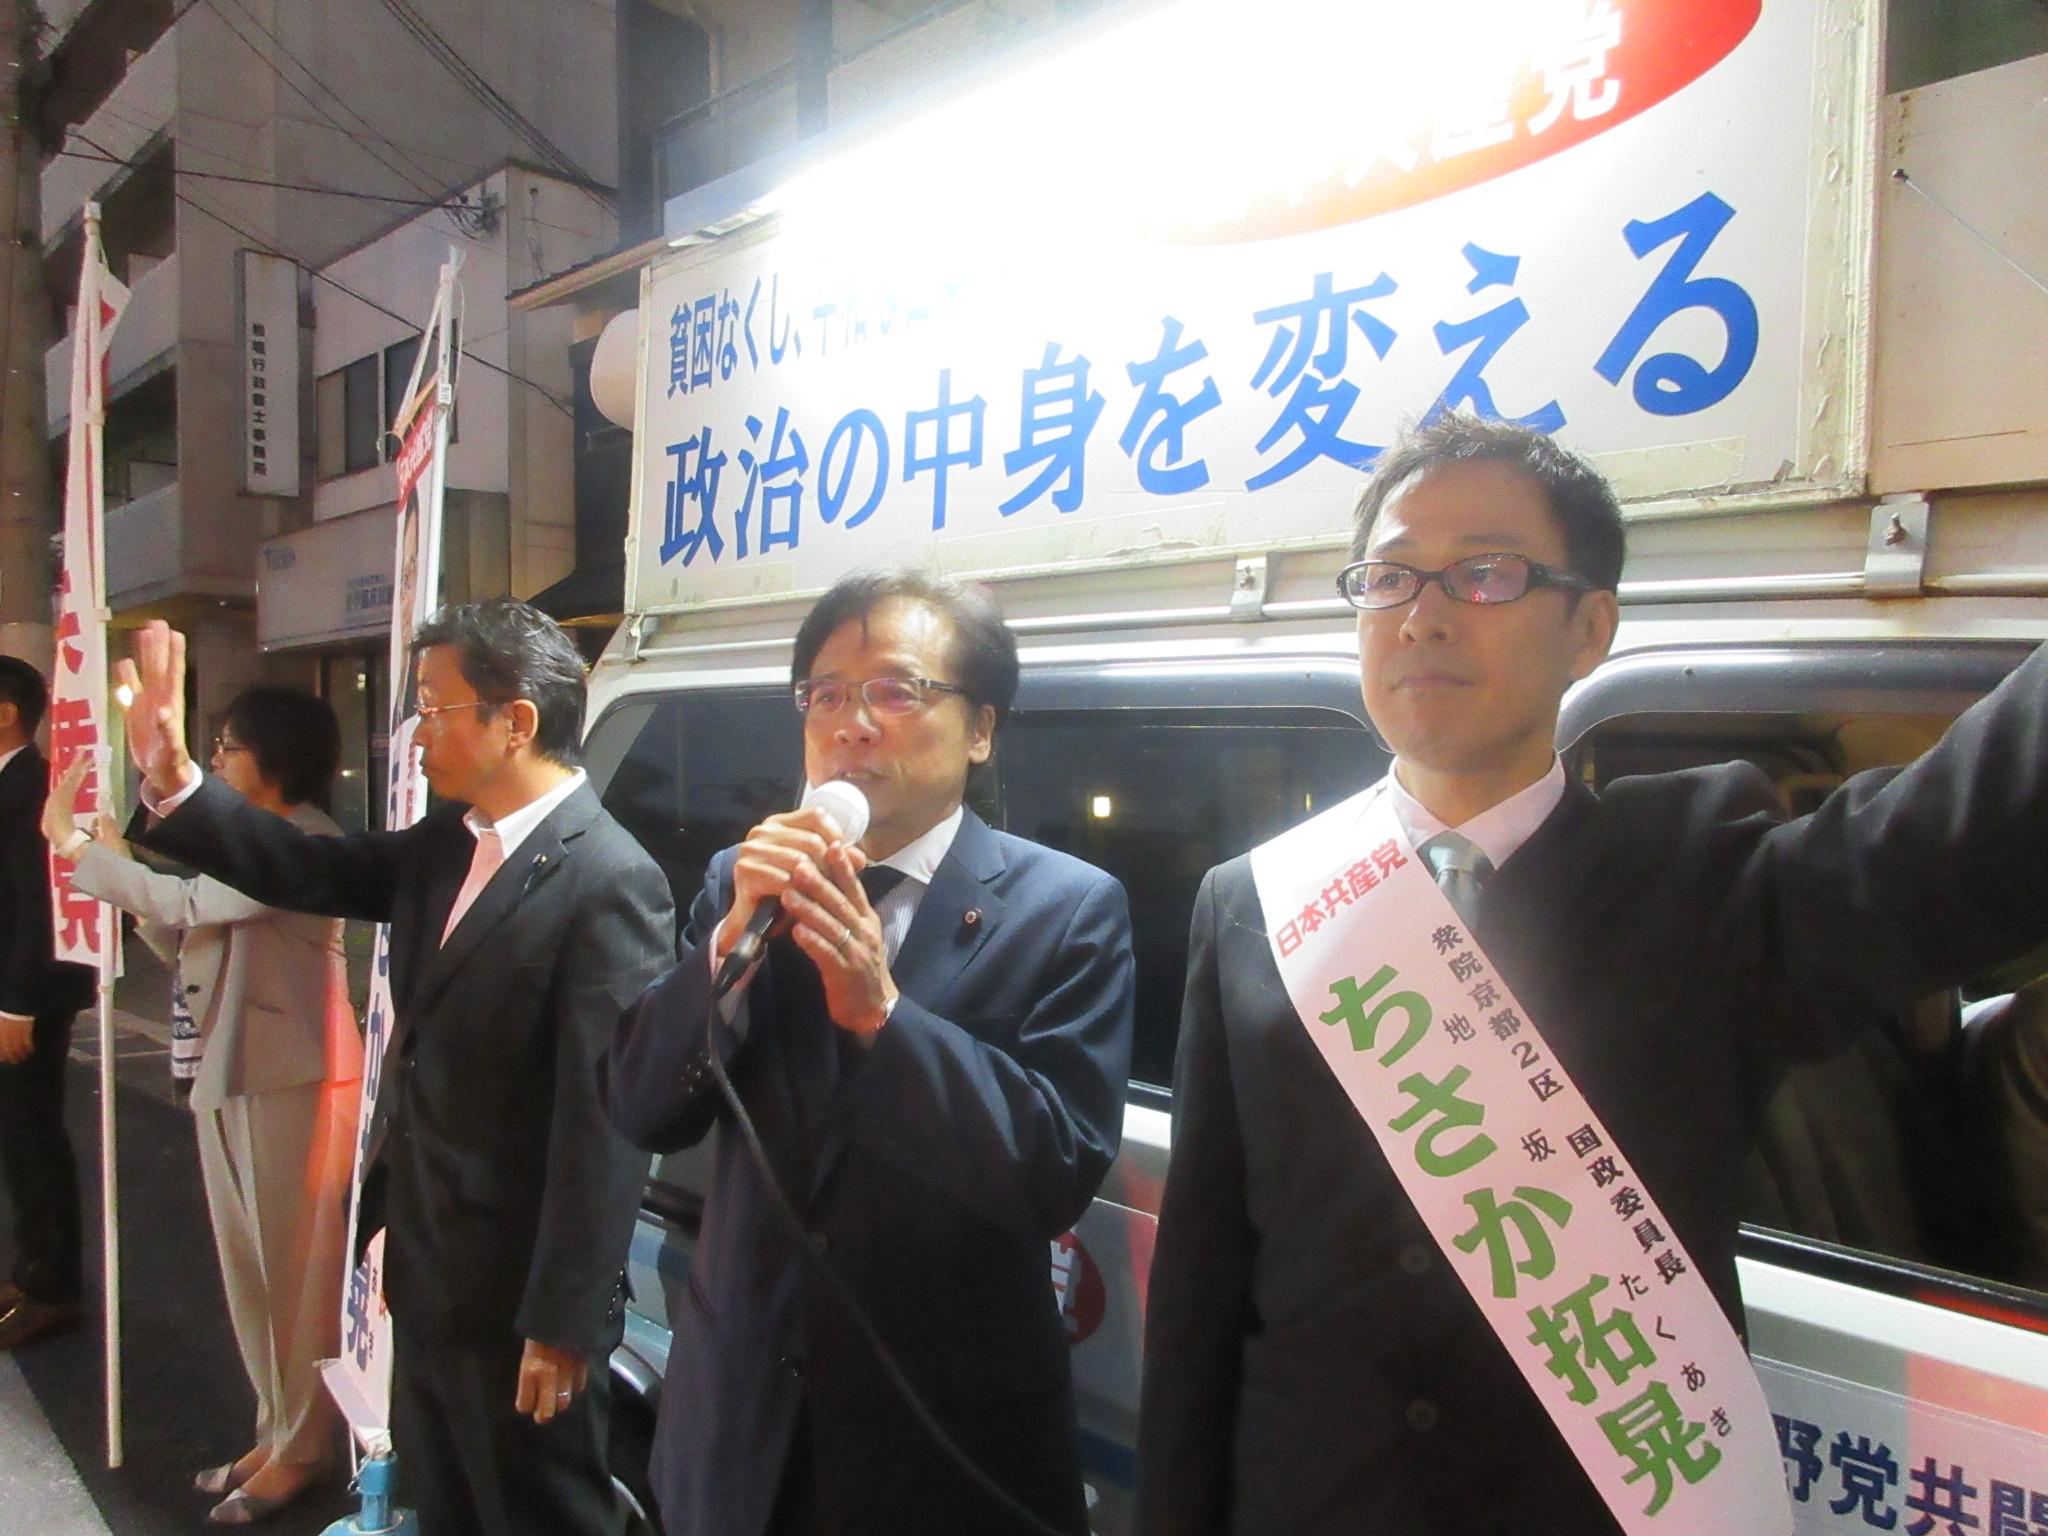 http://www.inoue-satoshi.com/diary/IMG_1153.JPG